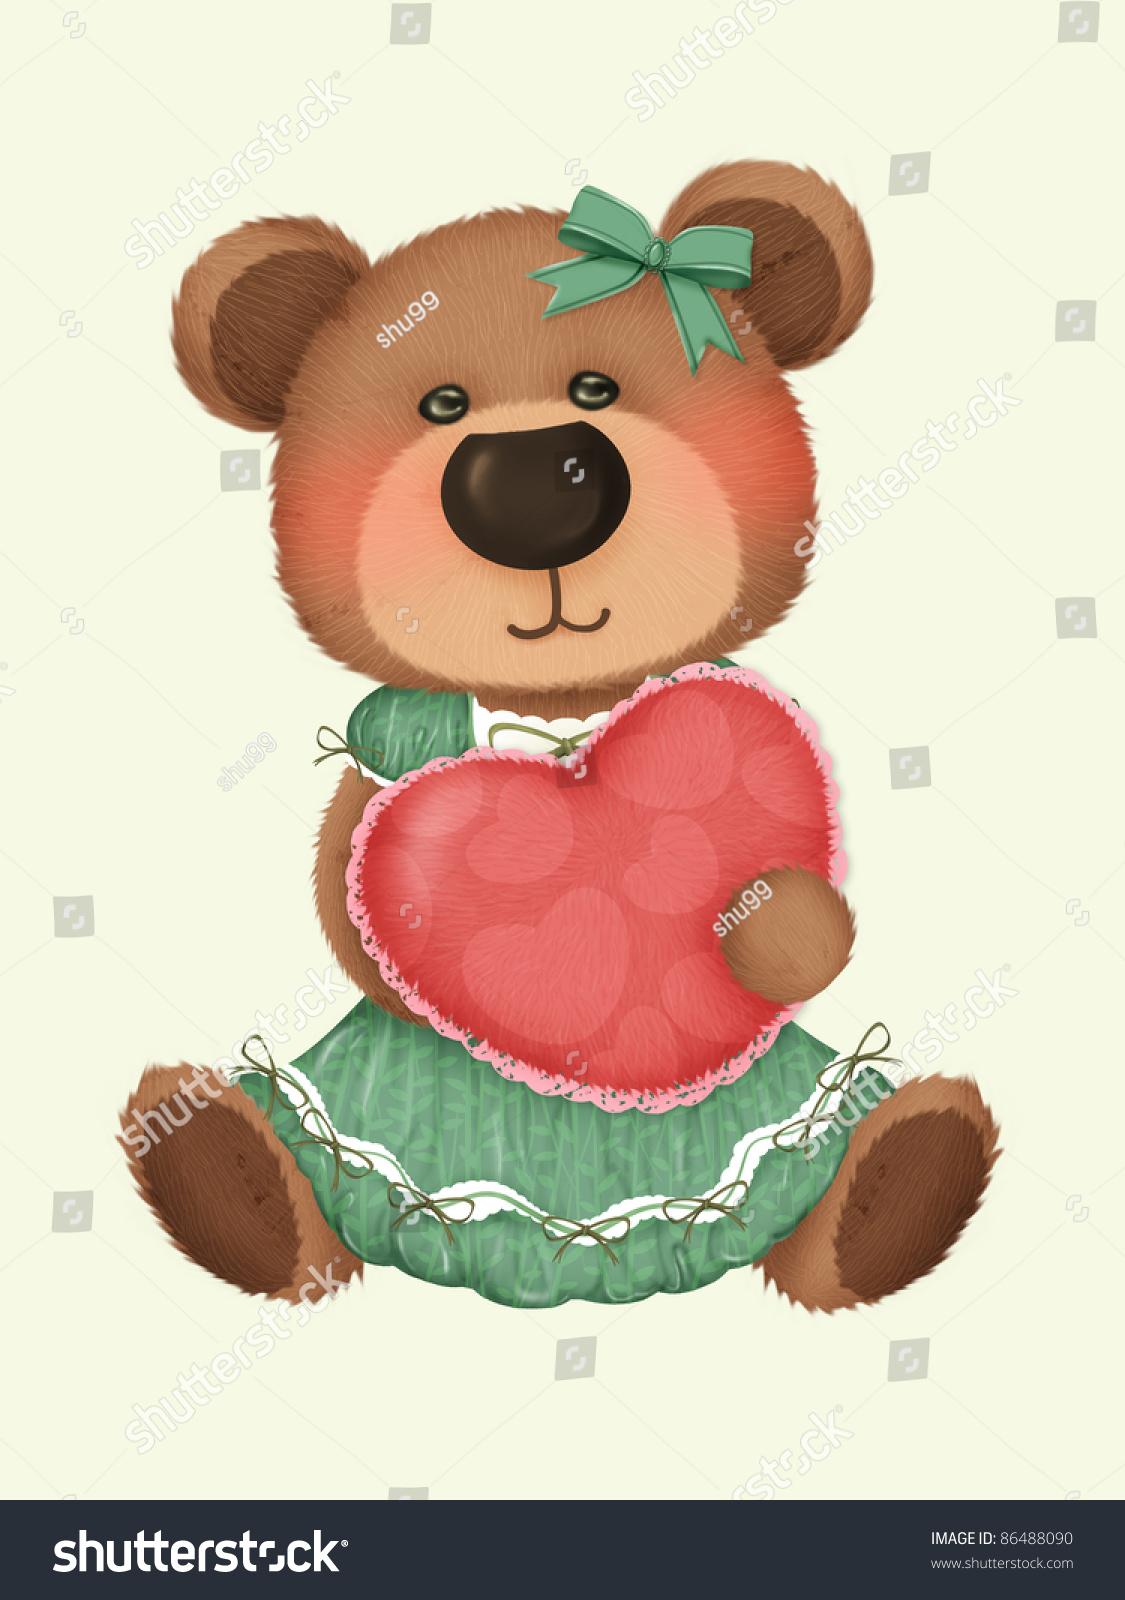 Cute Bear With Heart Pillow : Cute Bear Heart Pillow Stock Illustration 86488090 - Shutterstock